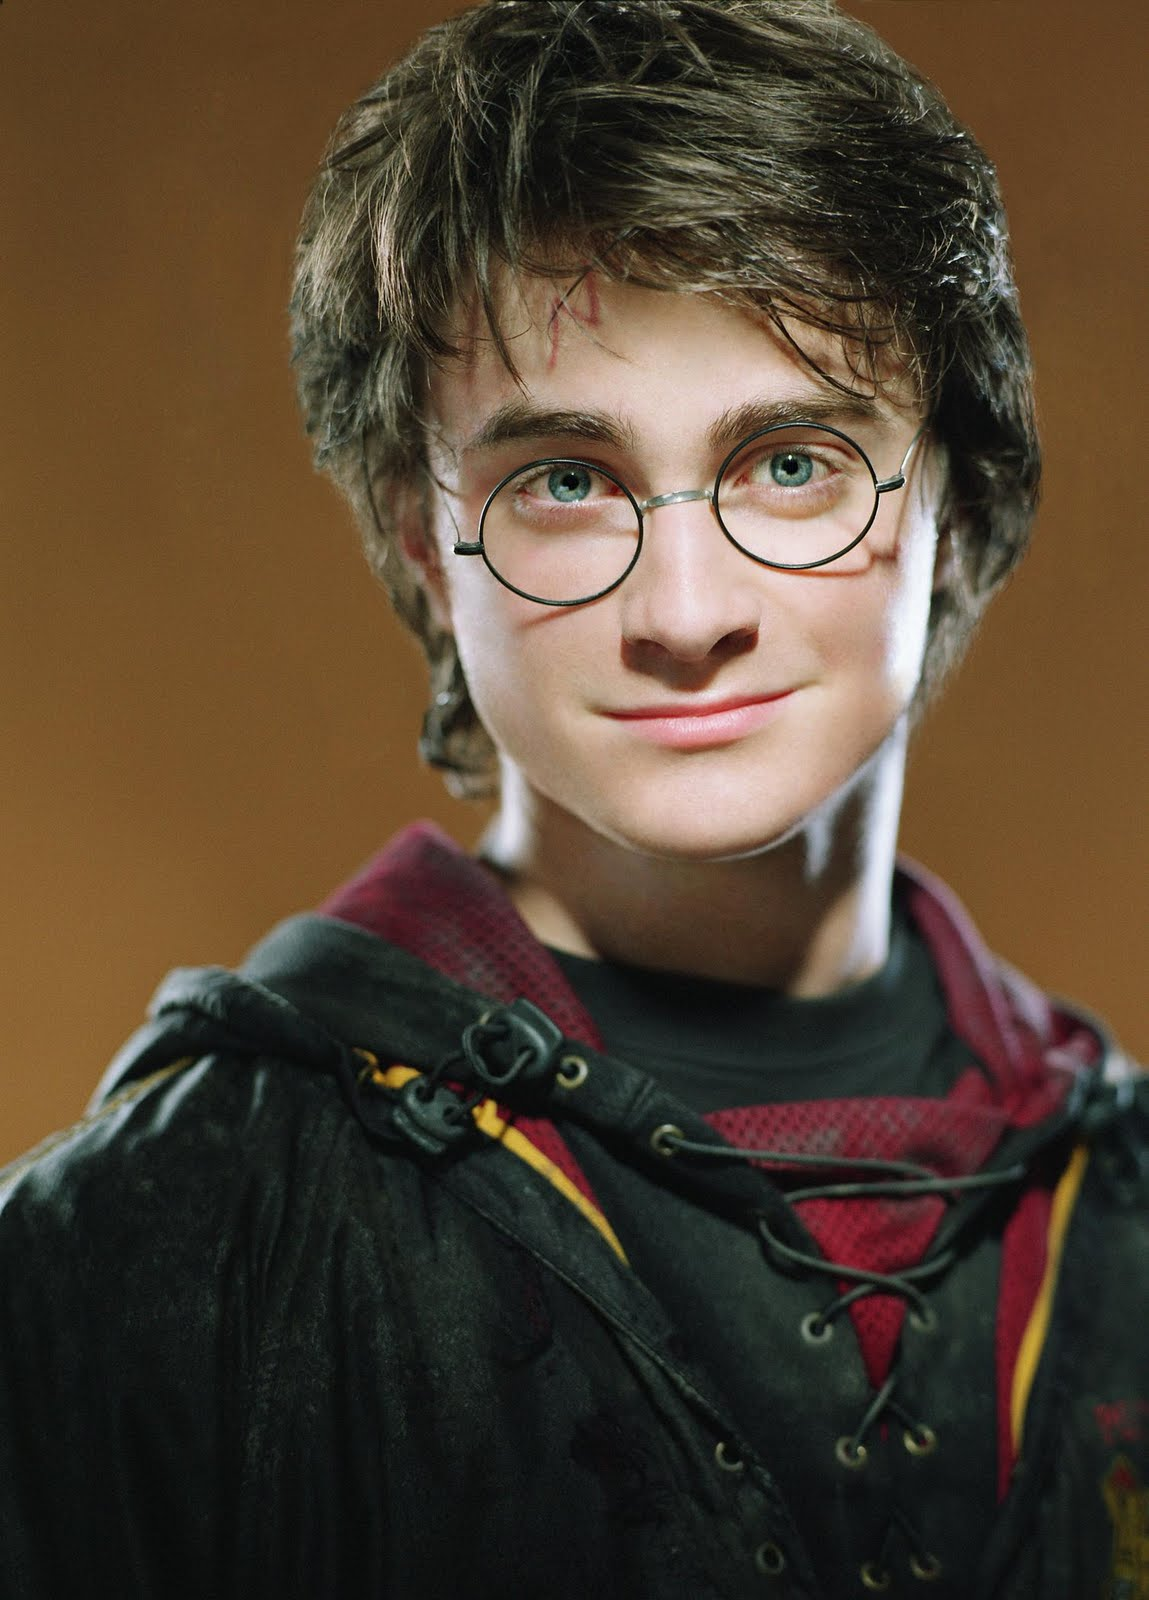 Harry potter - Harry Potter 15